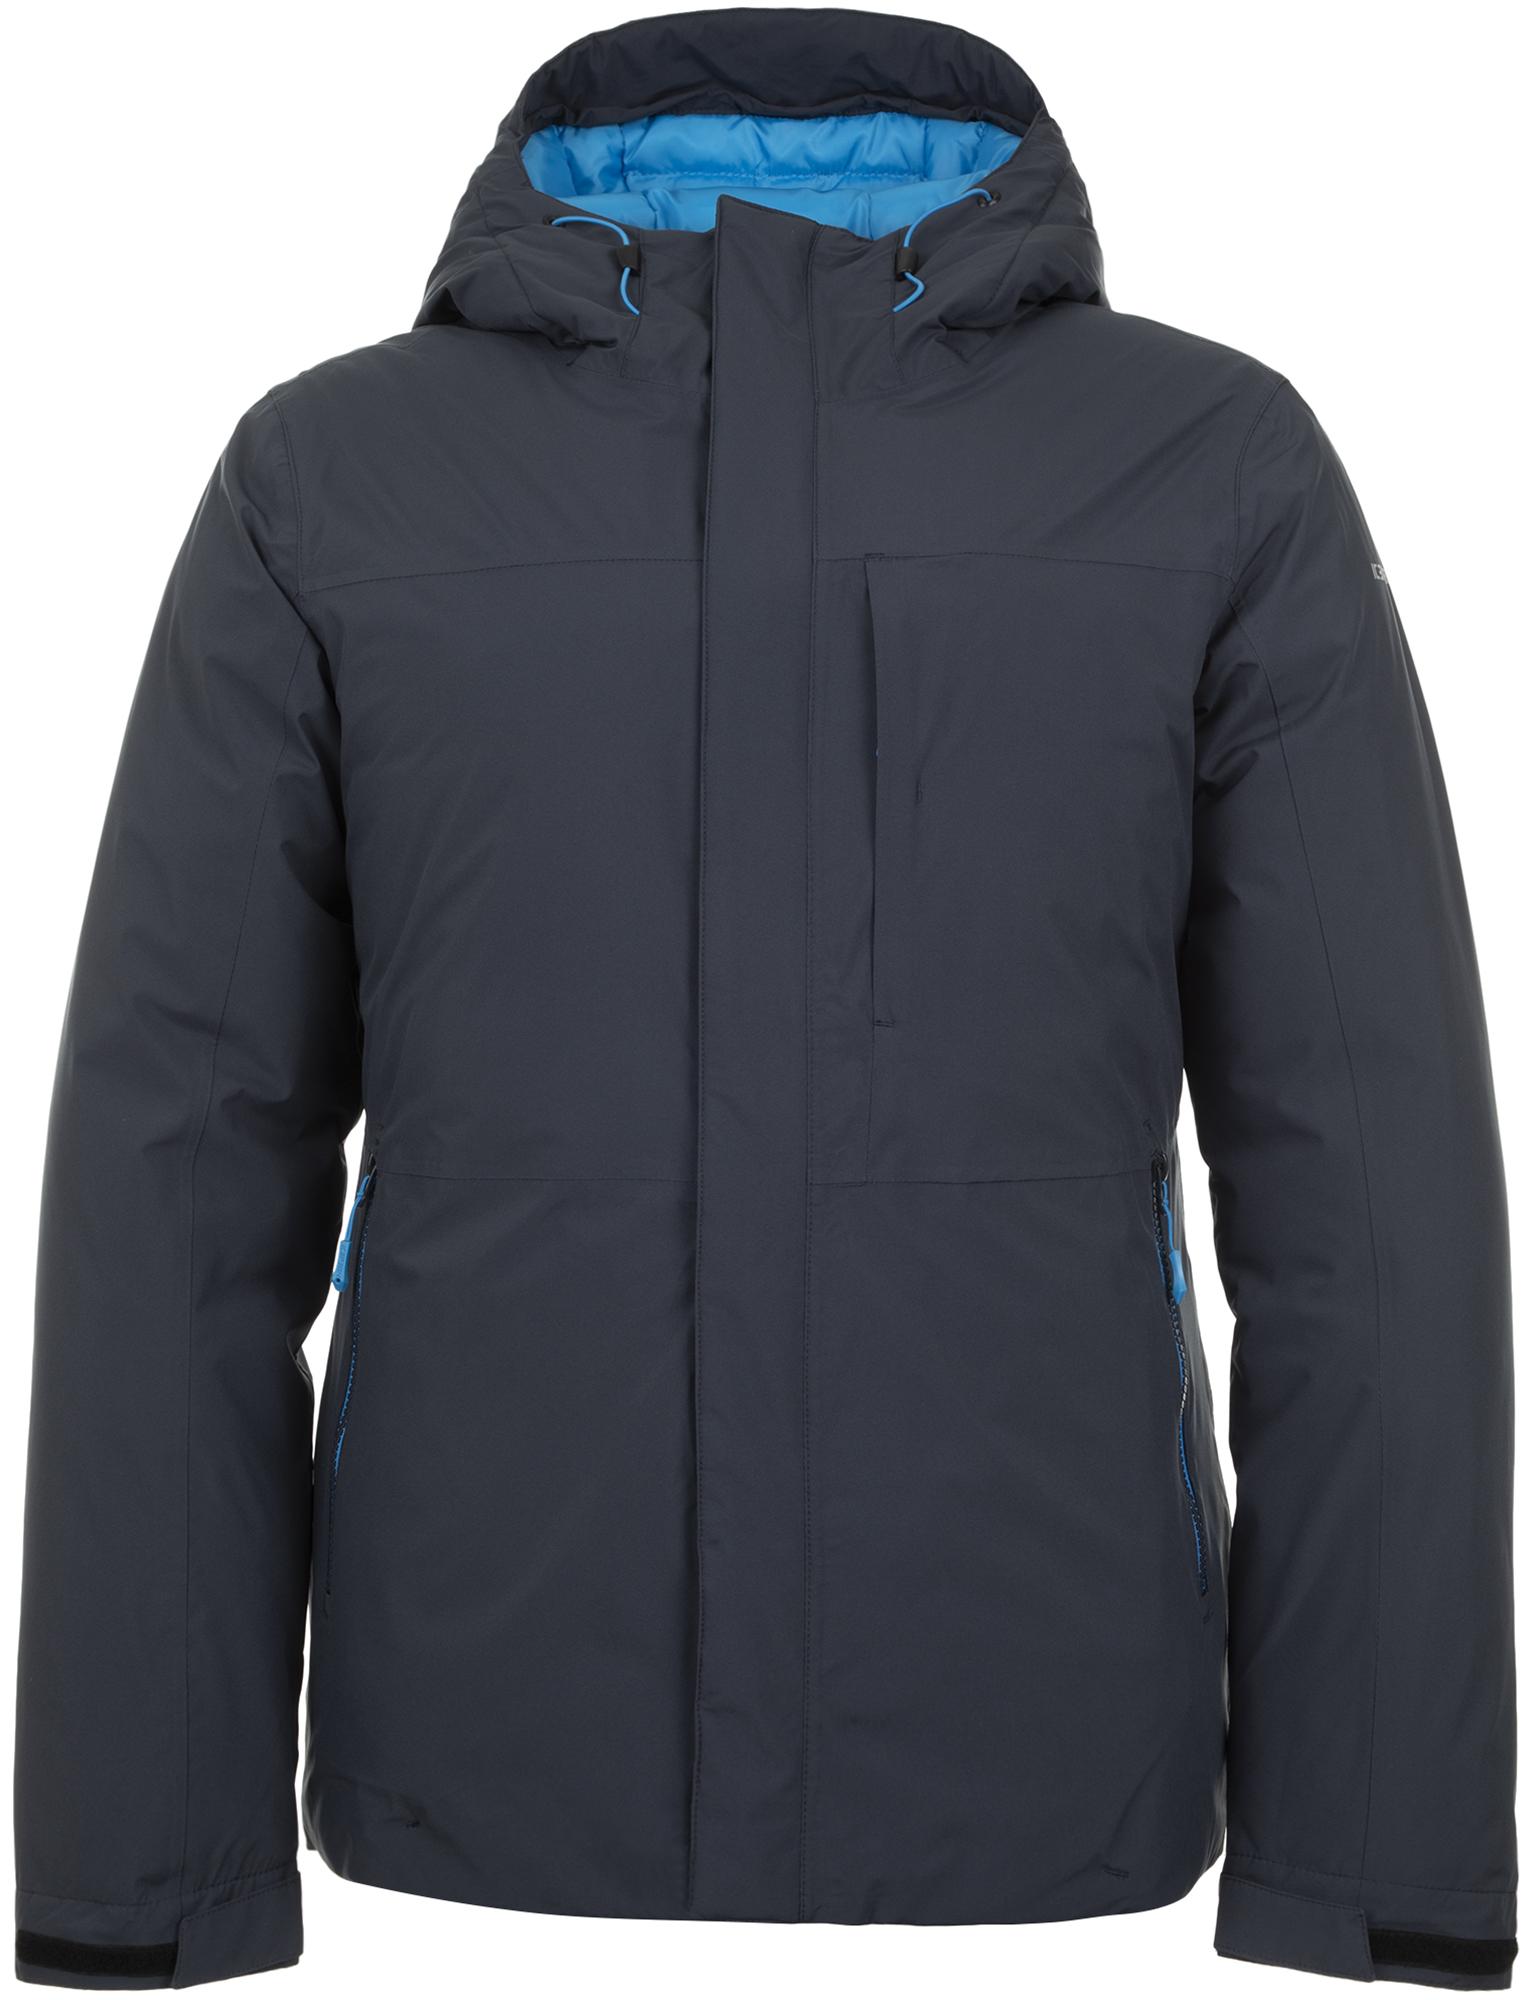 IcePeak Куртка утепленная мужская IcePeak Lance, размер 48